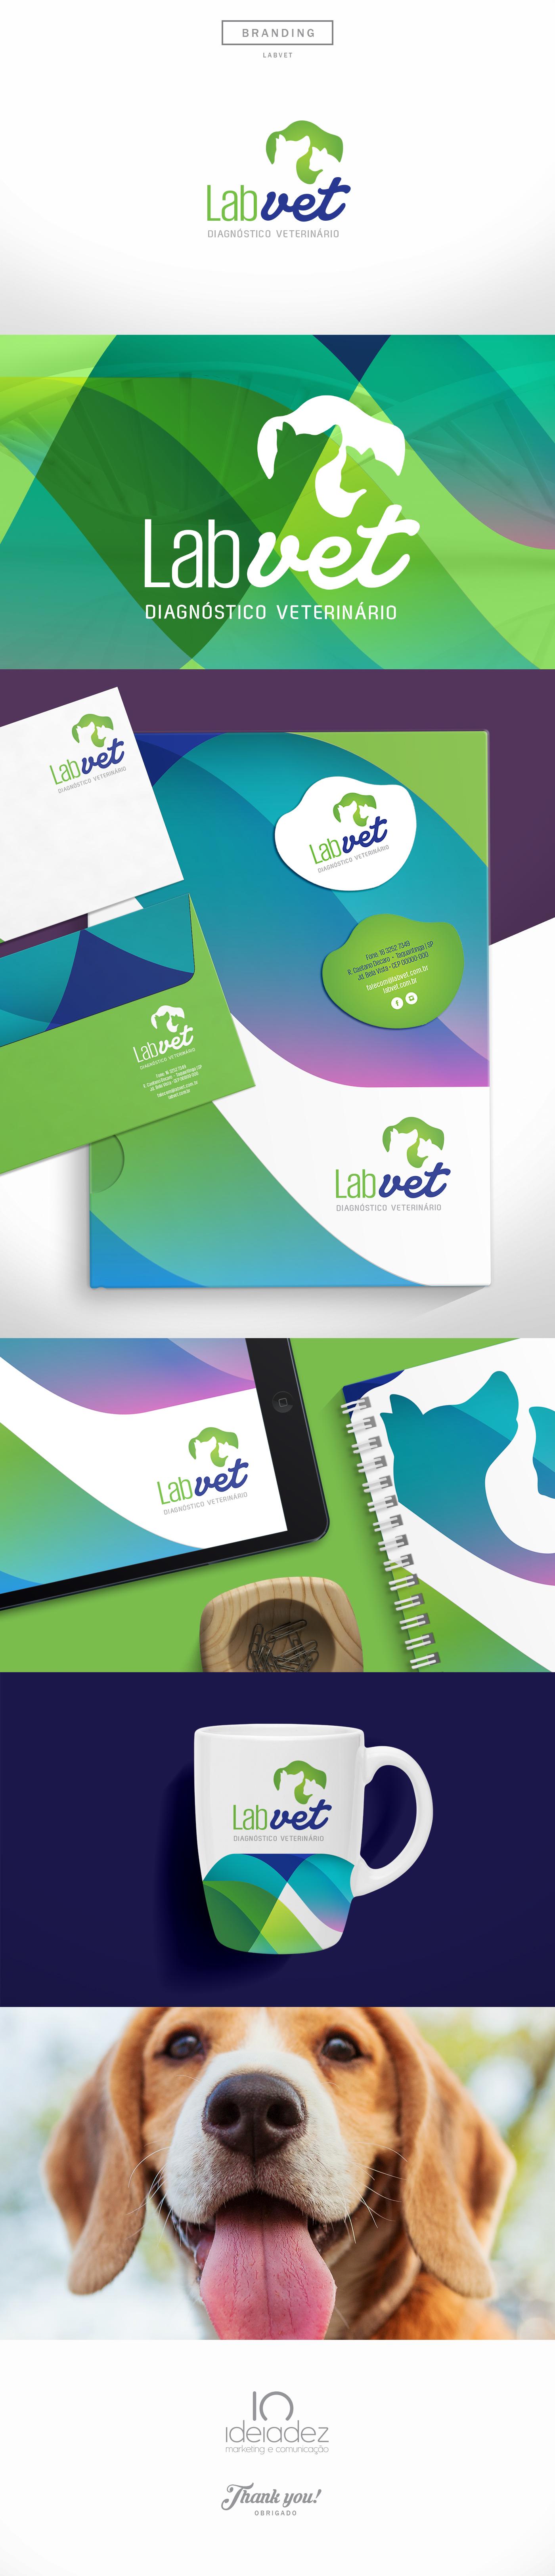 brandingdesign vet lab logo LabBranding brandingmockup Mockup